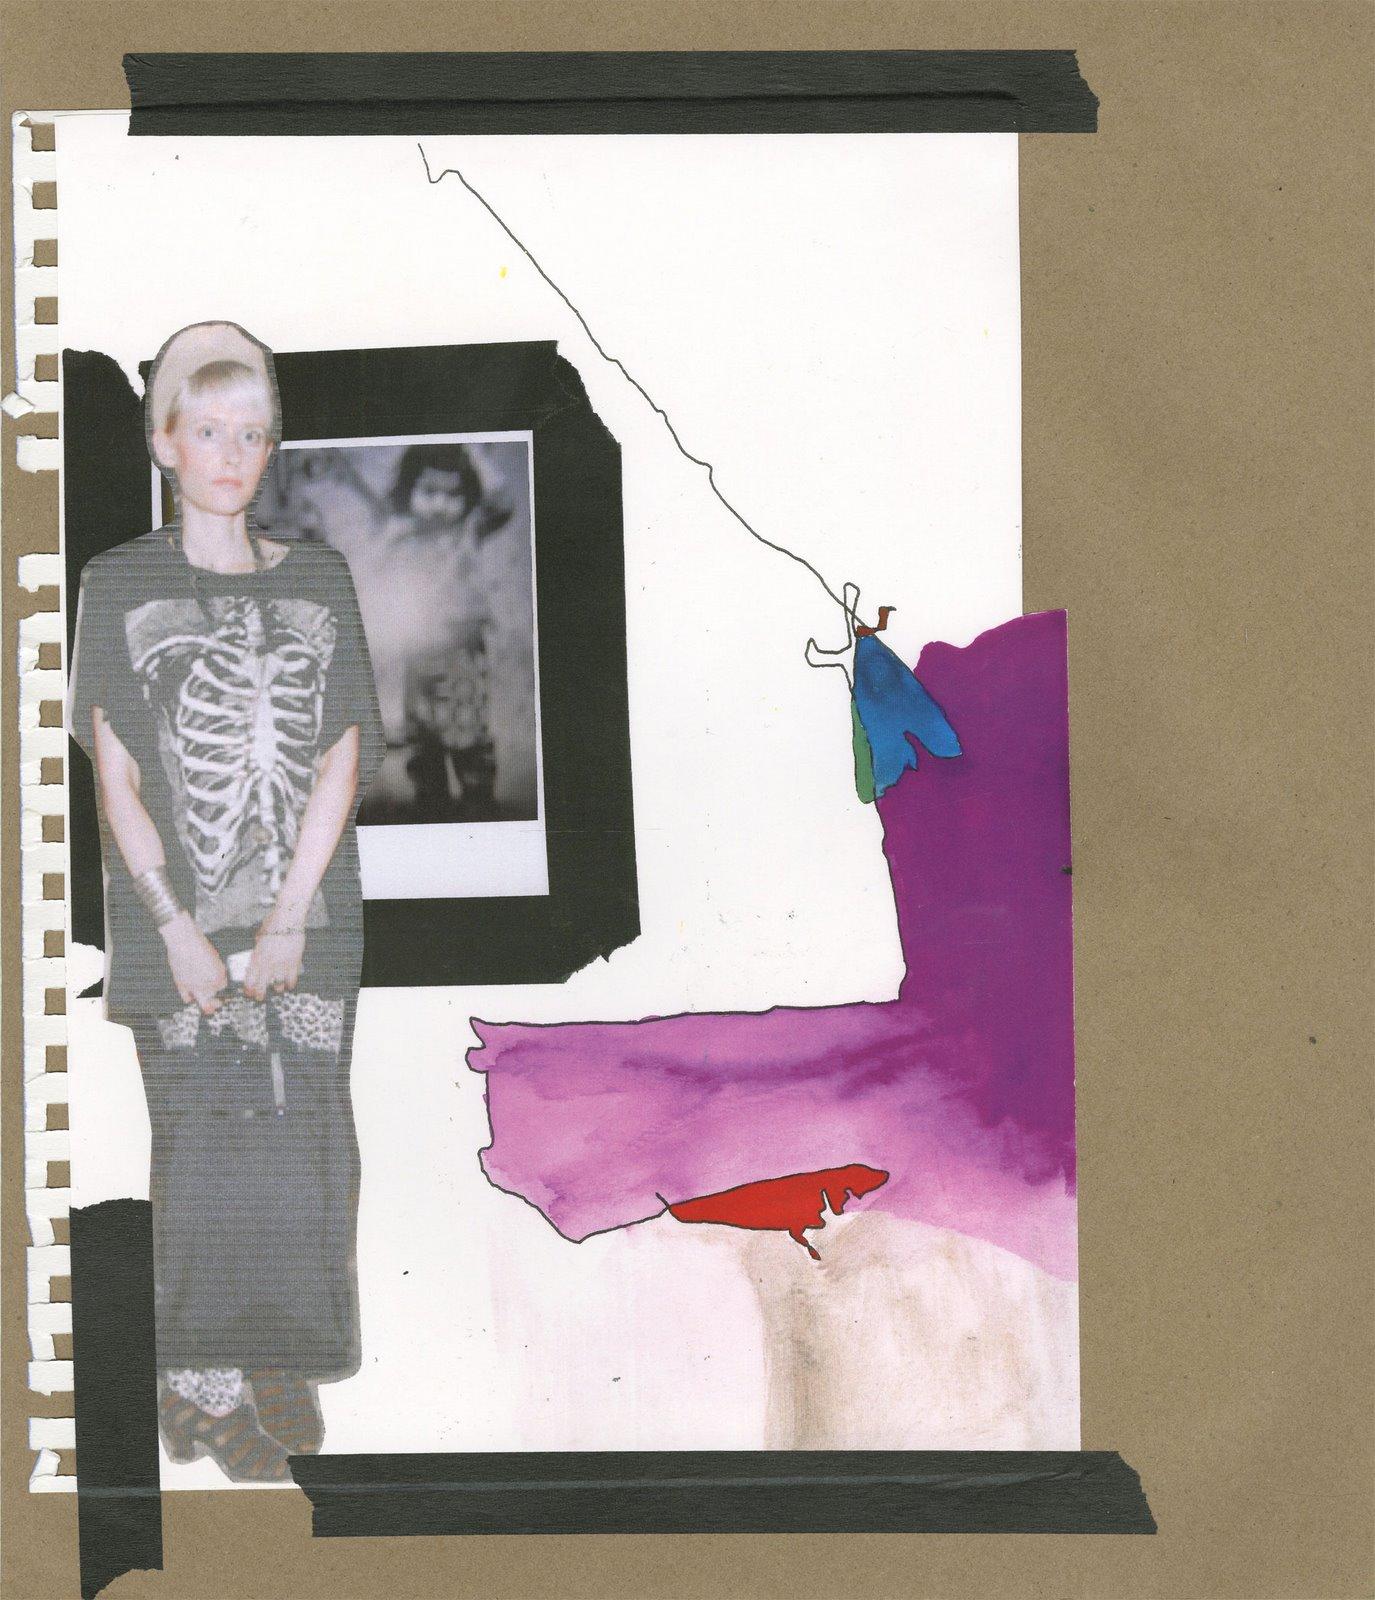 [skeletonshirt.jpg]